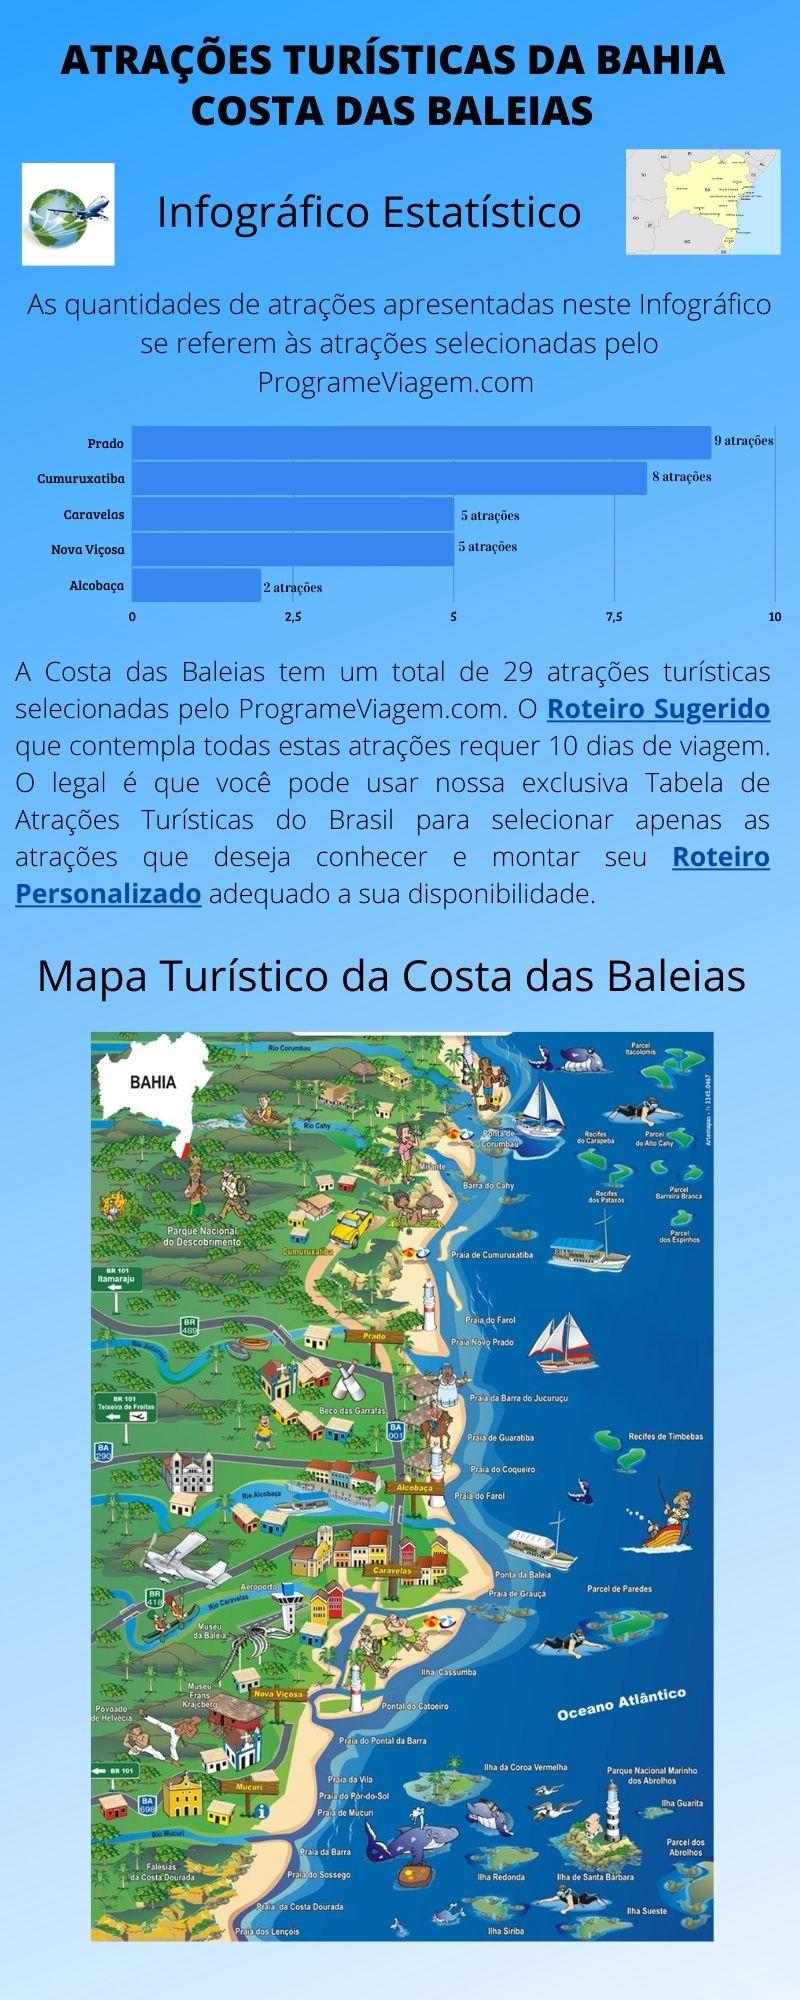 Infográfico Atrações Turísticas da Bahia (Costa das Baleias)